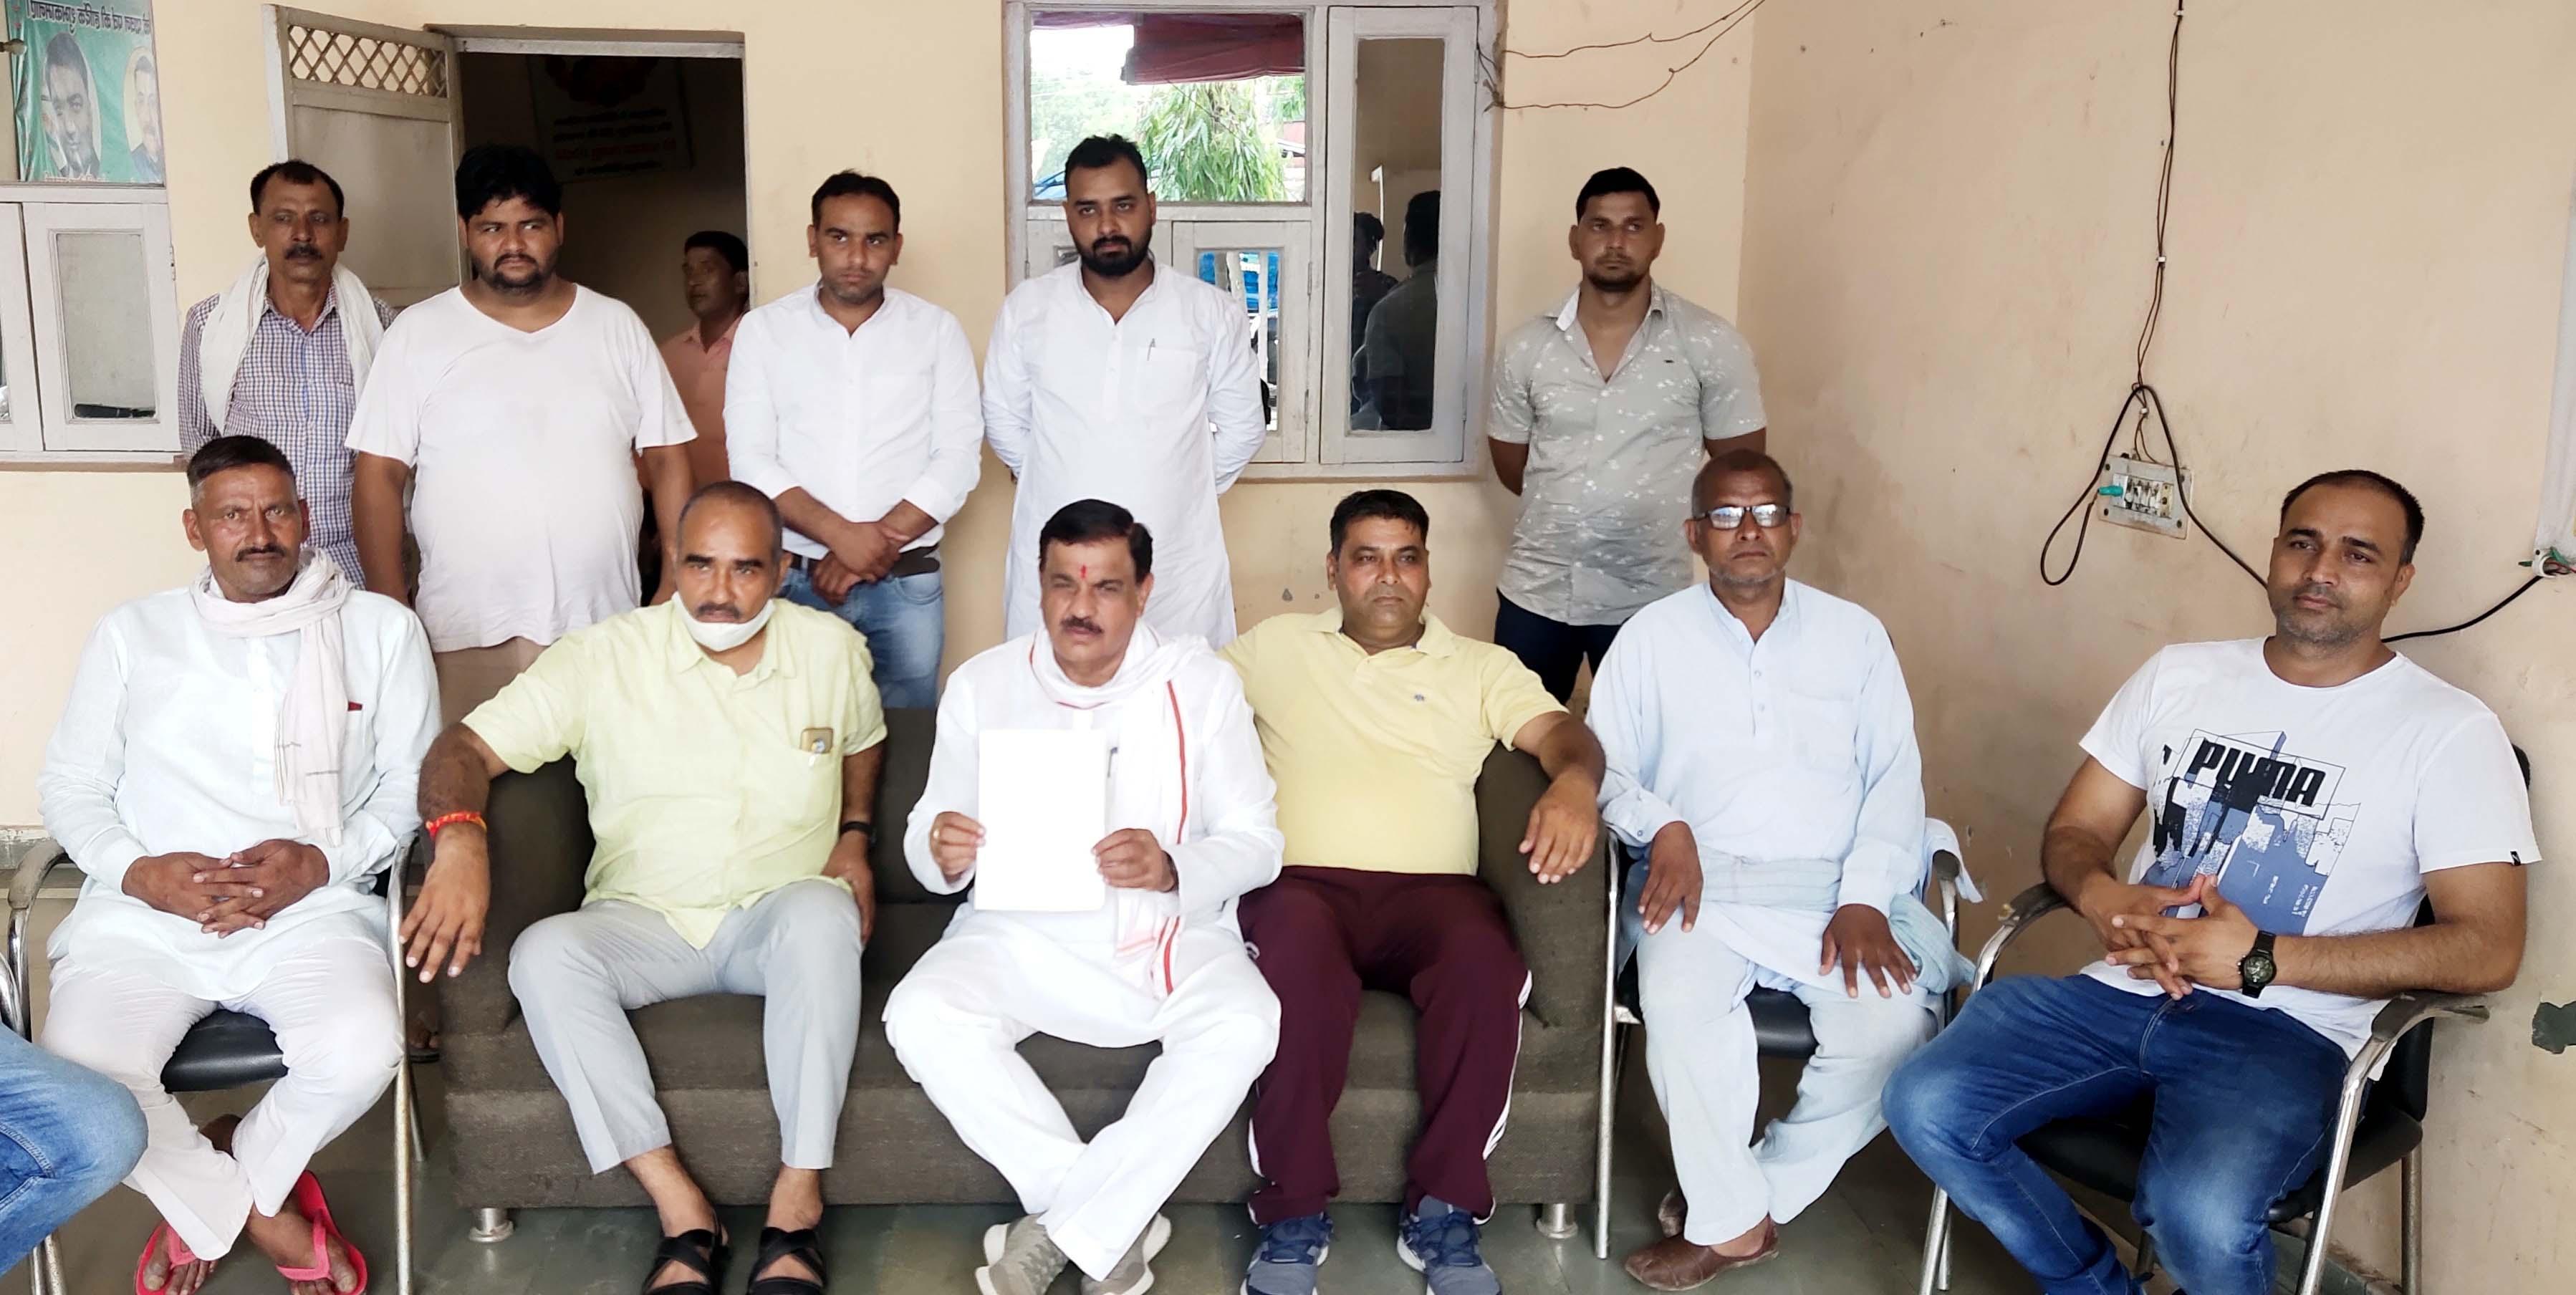 फरीदाबाद। गदपुरी टोल टैक्स प्लाजा को जल्द शुरू किए जाने को लेकर पूर्व विधायक ने कड़ी आपत्ति जताई है। - Dainik Bhaskar